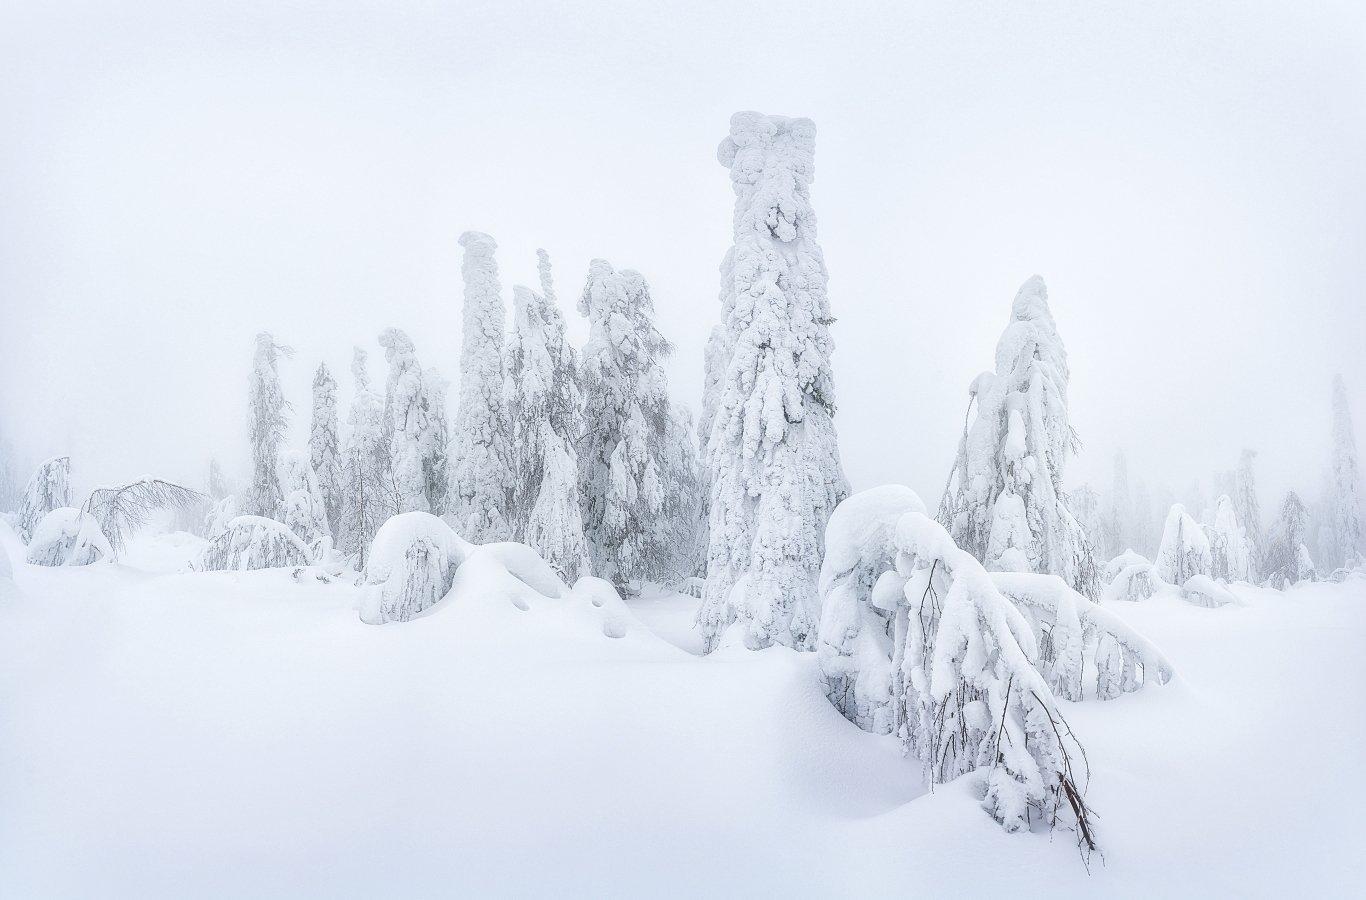 пермский край, снег, зима, туман, Устюжанин Михаил